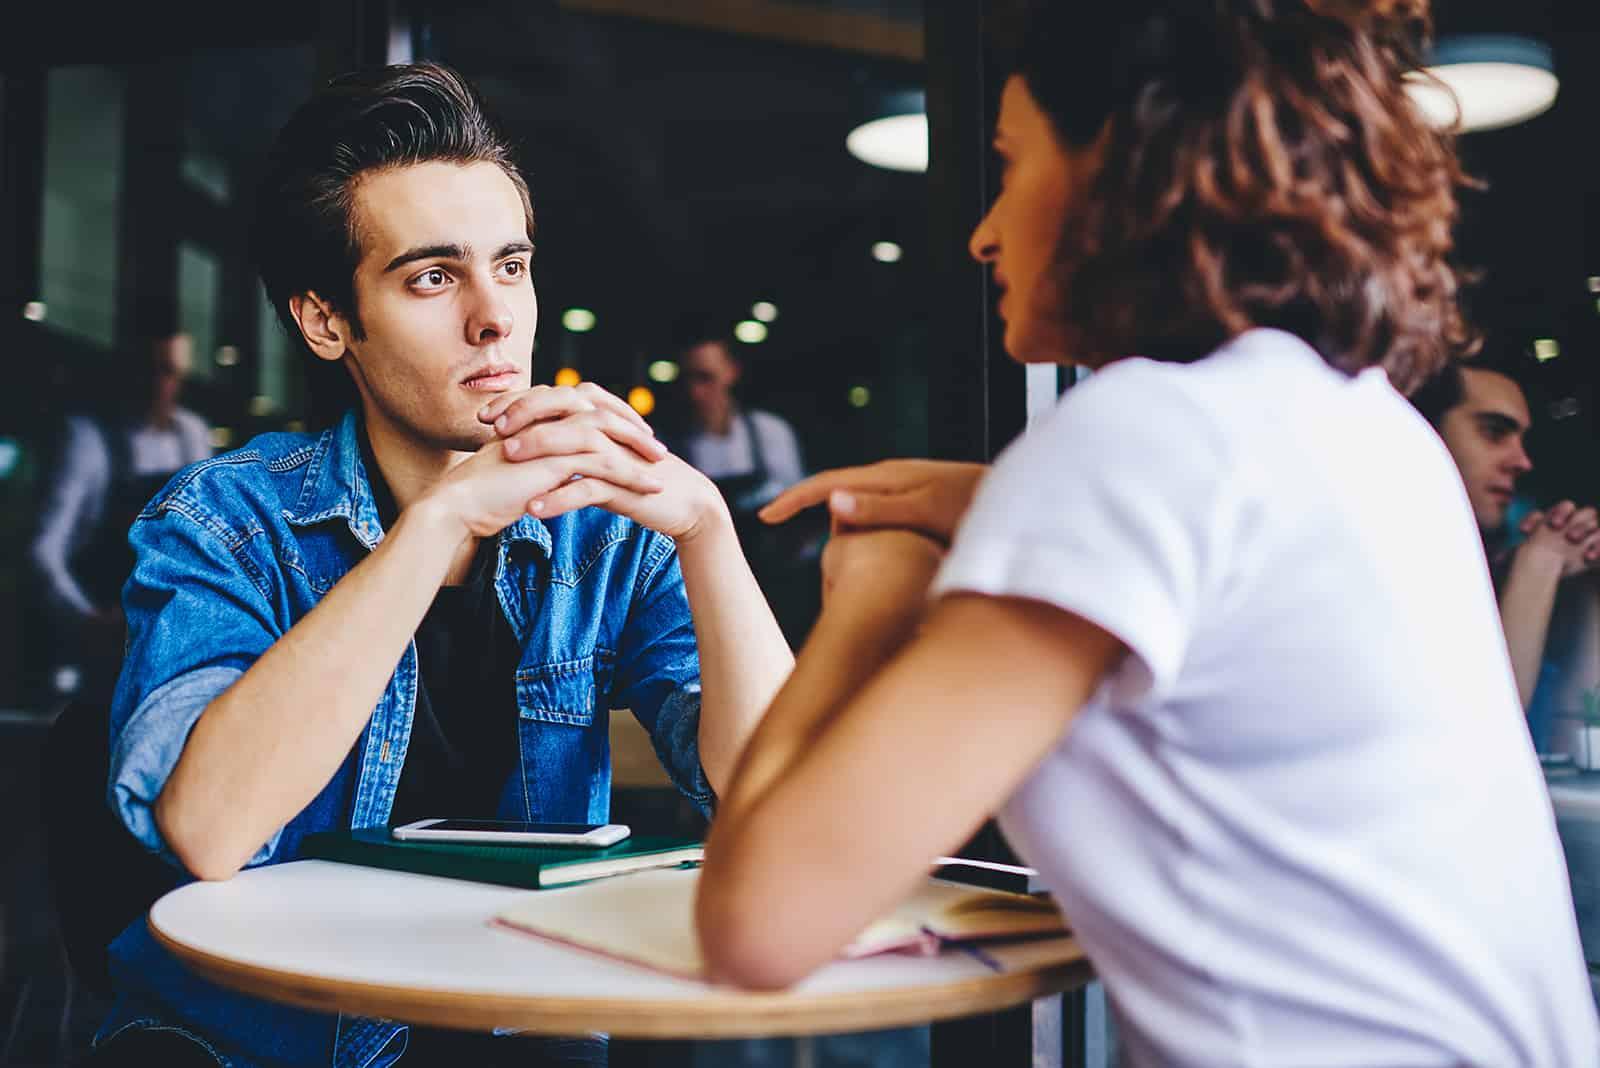 Ein Mann und eine Frau unterhalten sich ehrlich im Café